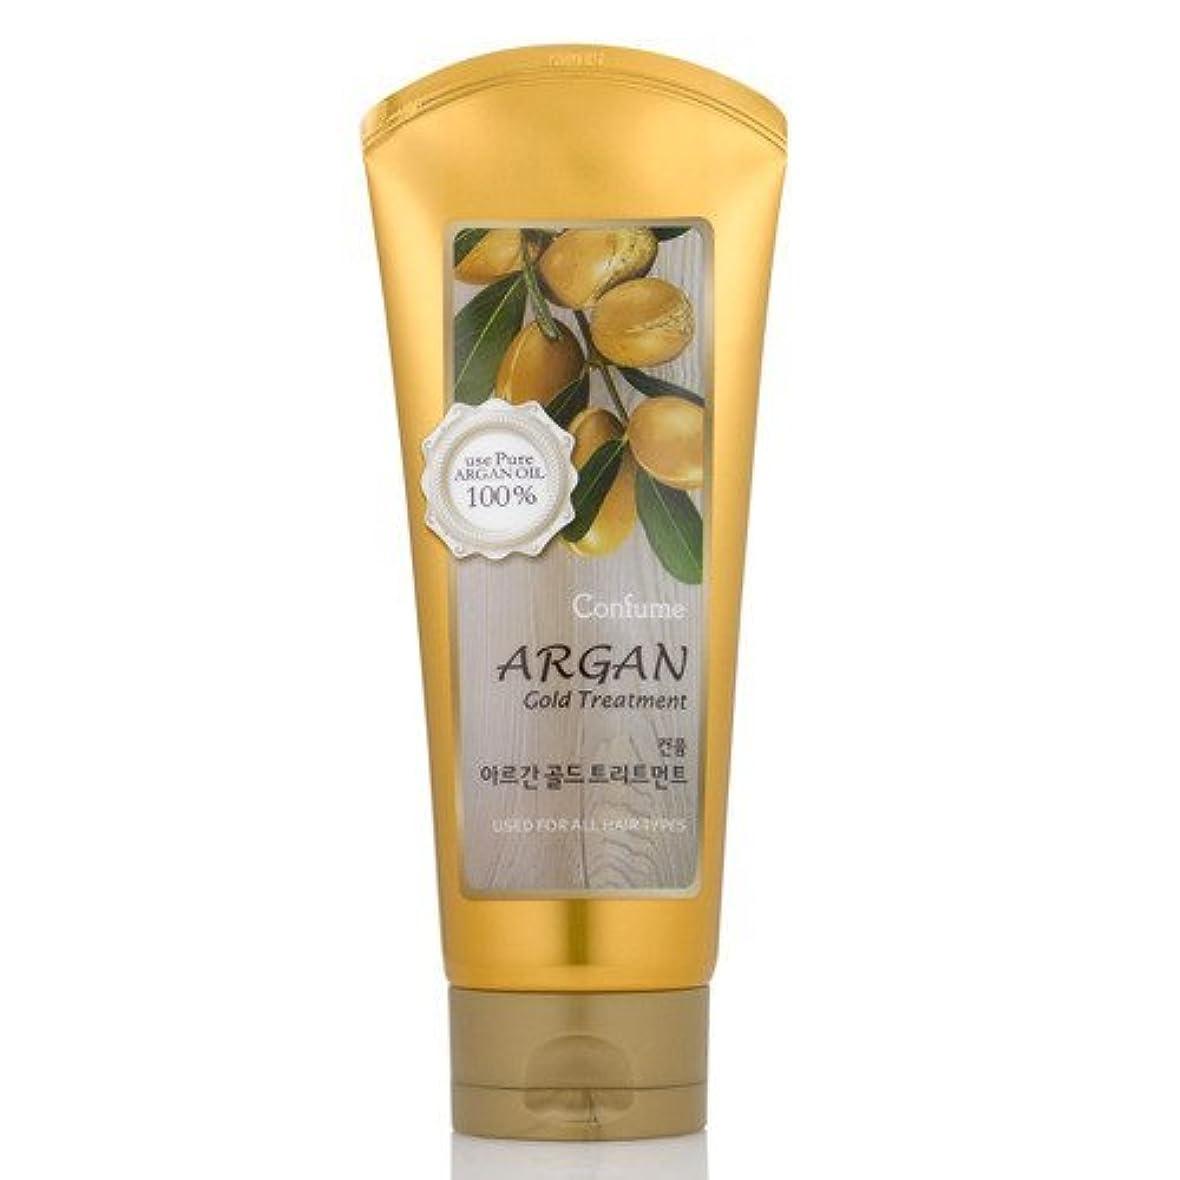 助けて学ぶストレージウェルコス(WELCOS) アルガン コールド トリートメント200ml / Welcos Confume Argan Gold Treatment 200ml [並行輸入品]